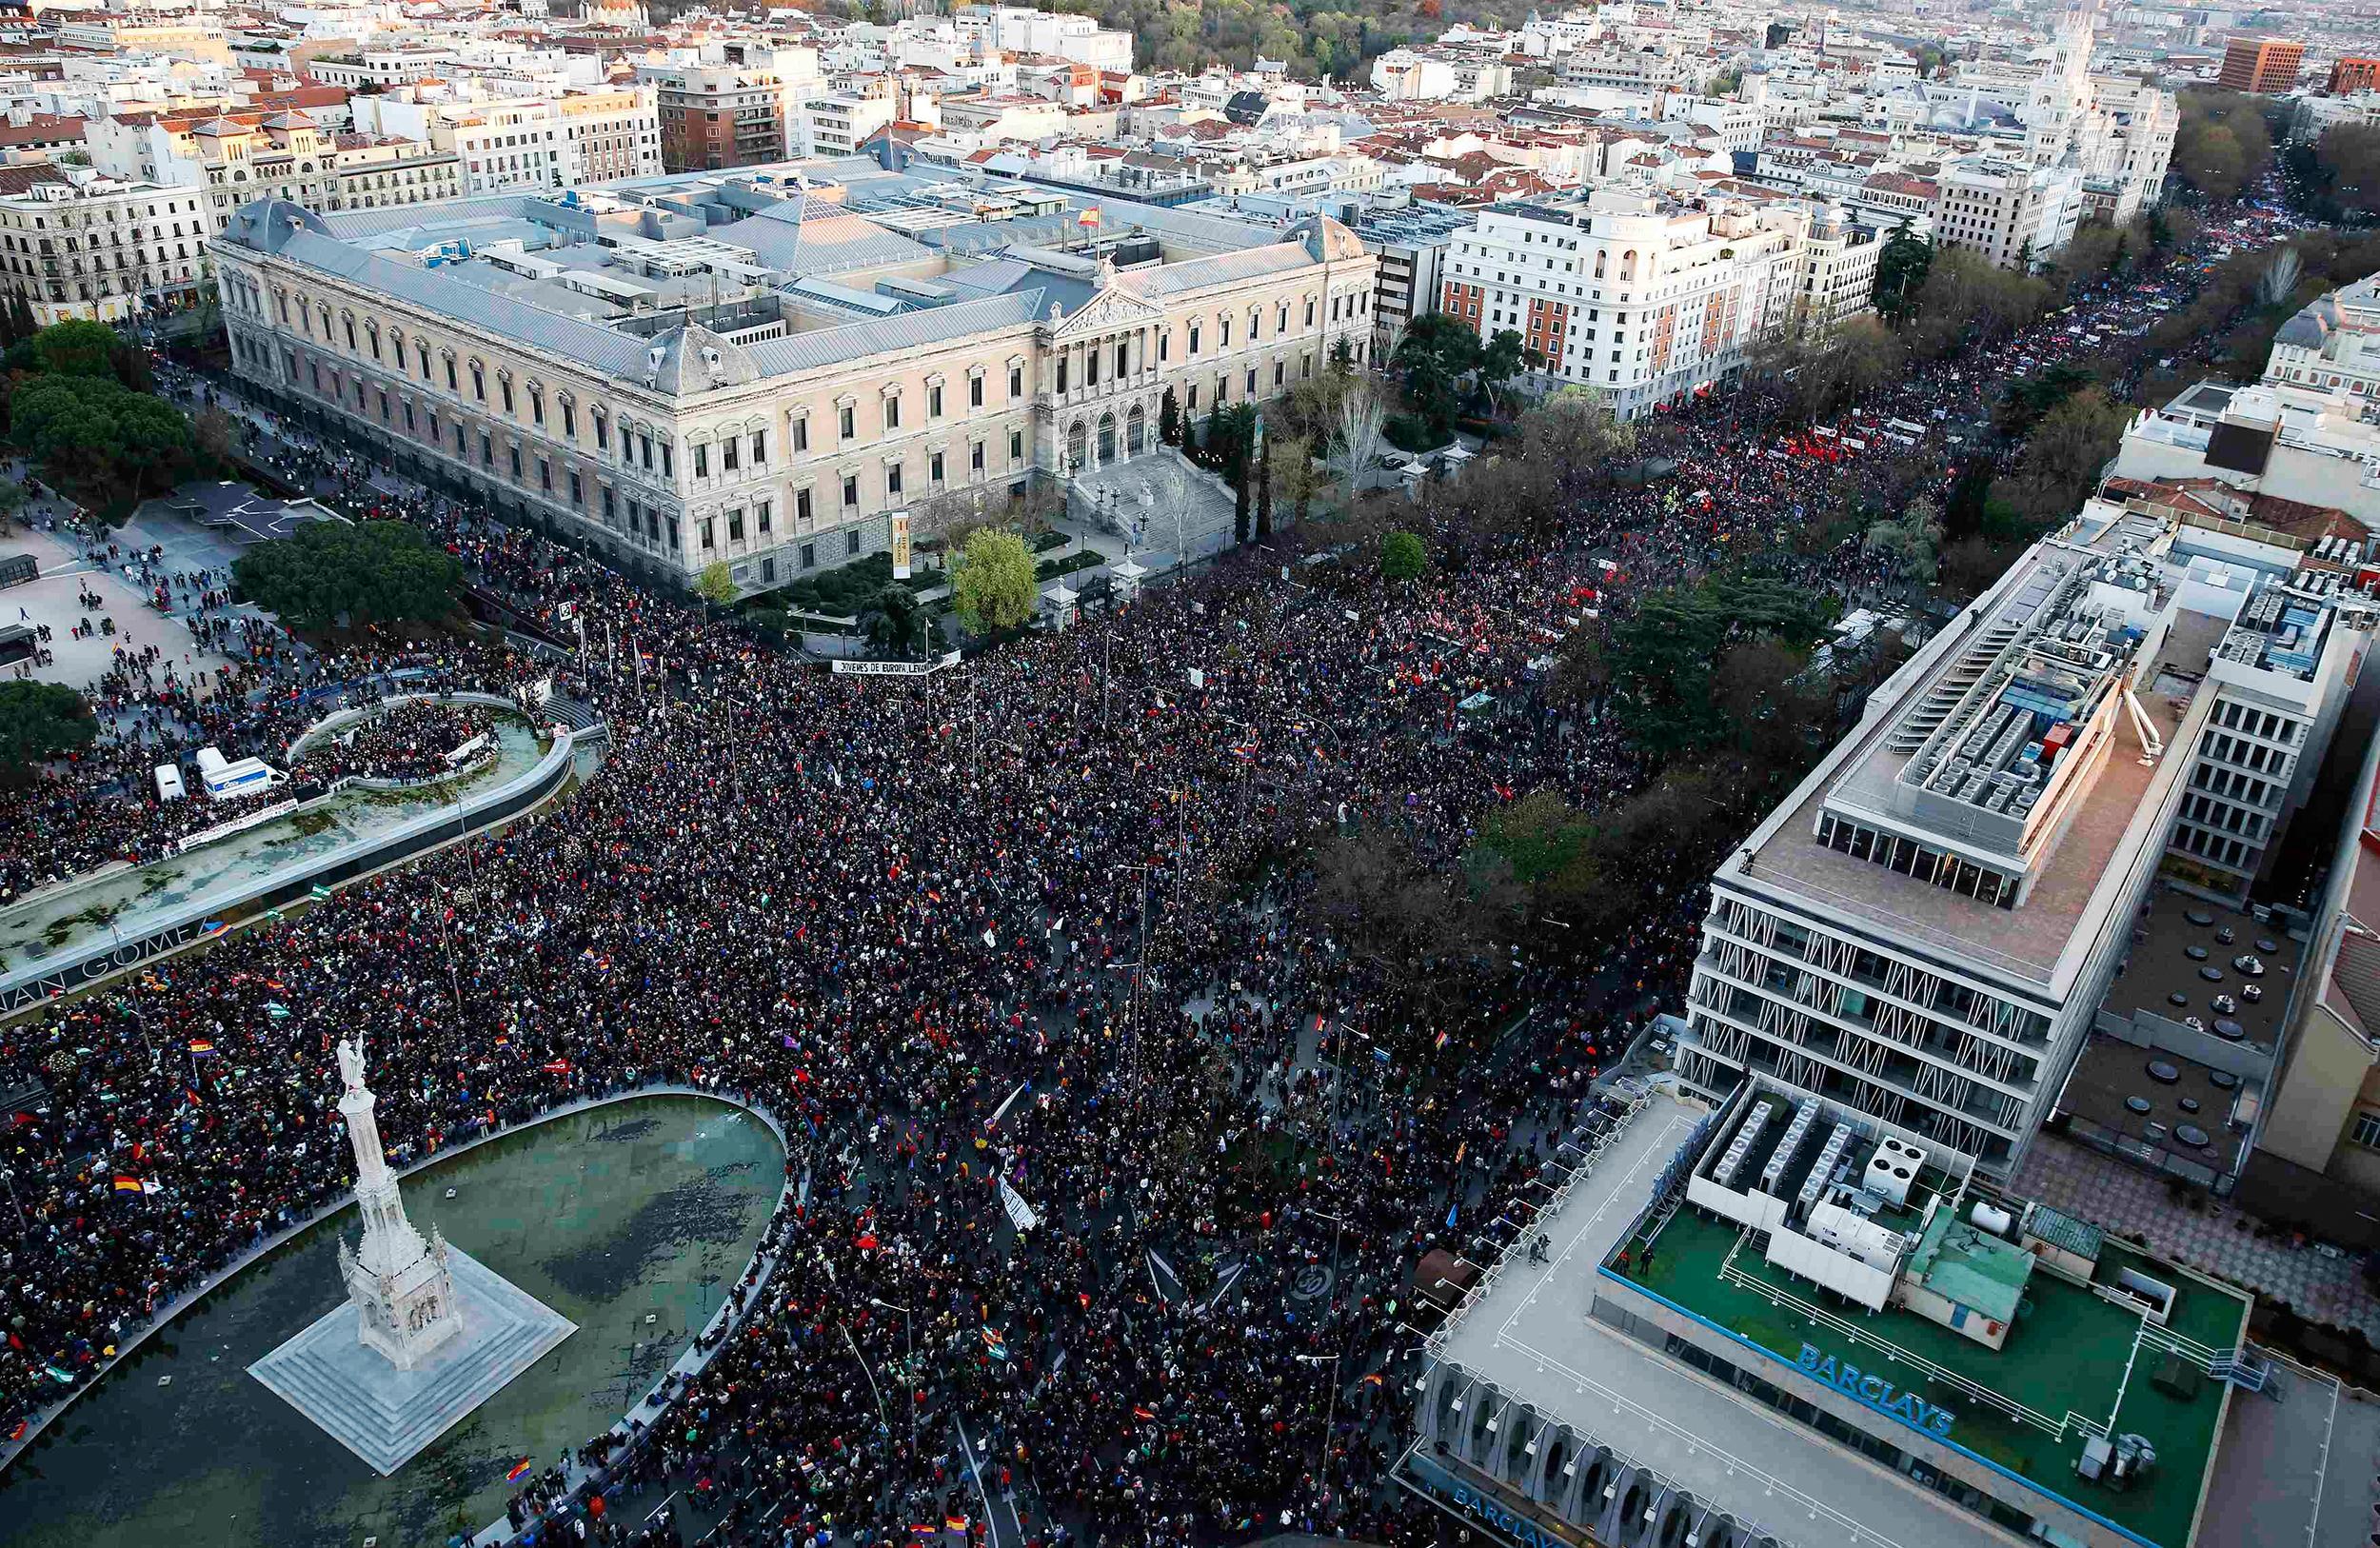 pc-140322-anti-austerity-protest-02_69a22537692e843491409f5cf73b0e62